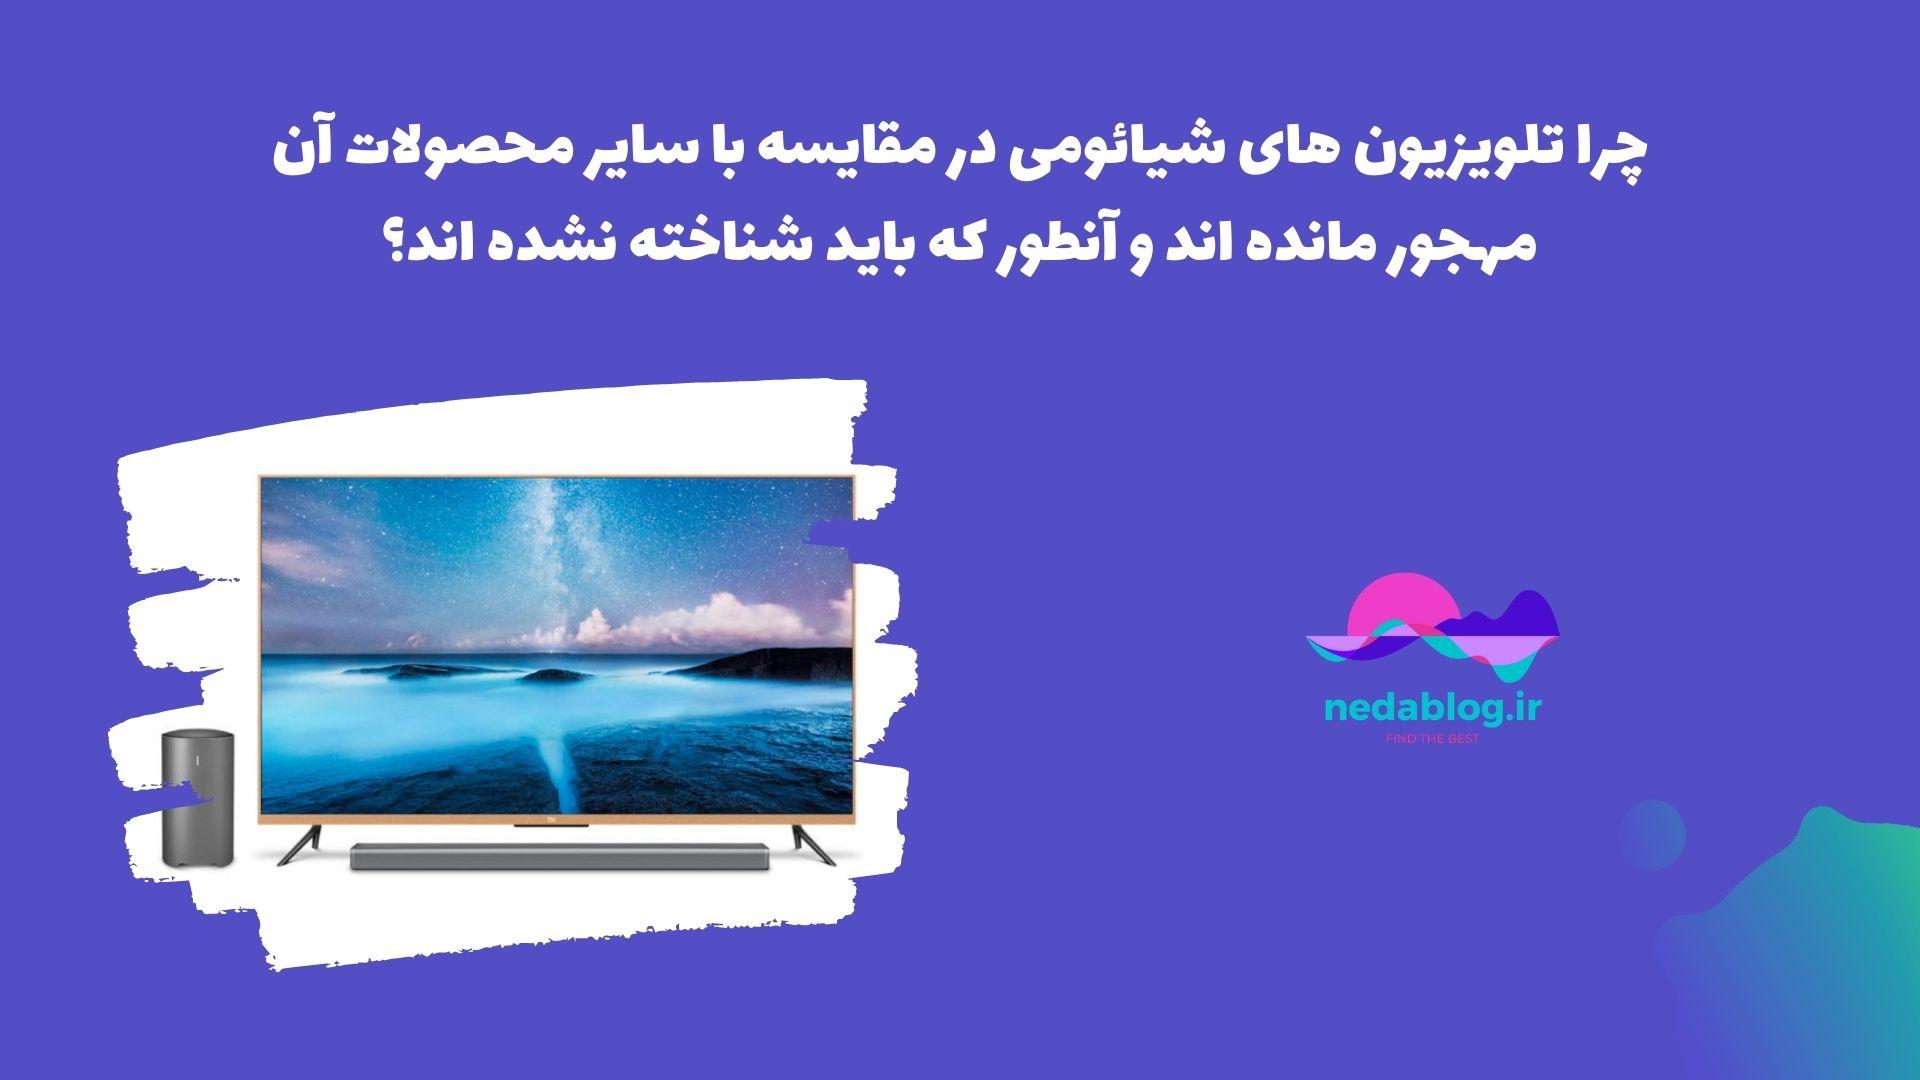 چرا تلویزیون های شیائومی در مقایسه با سایر محصولات آن مهجور مانده اند و آنطور که باید شناخته نشده اند؟